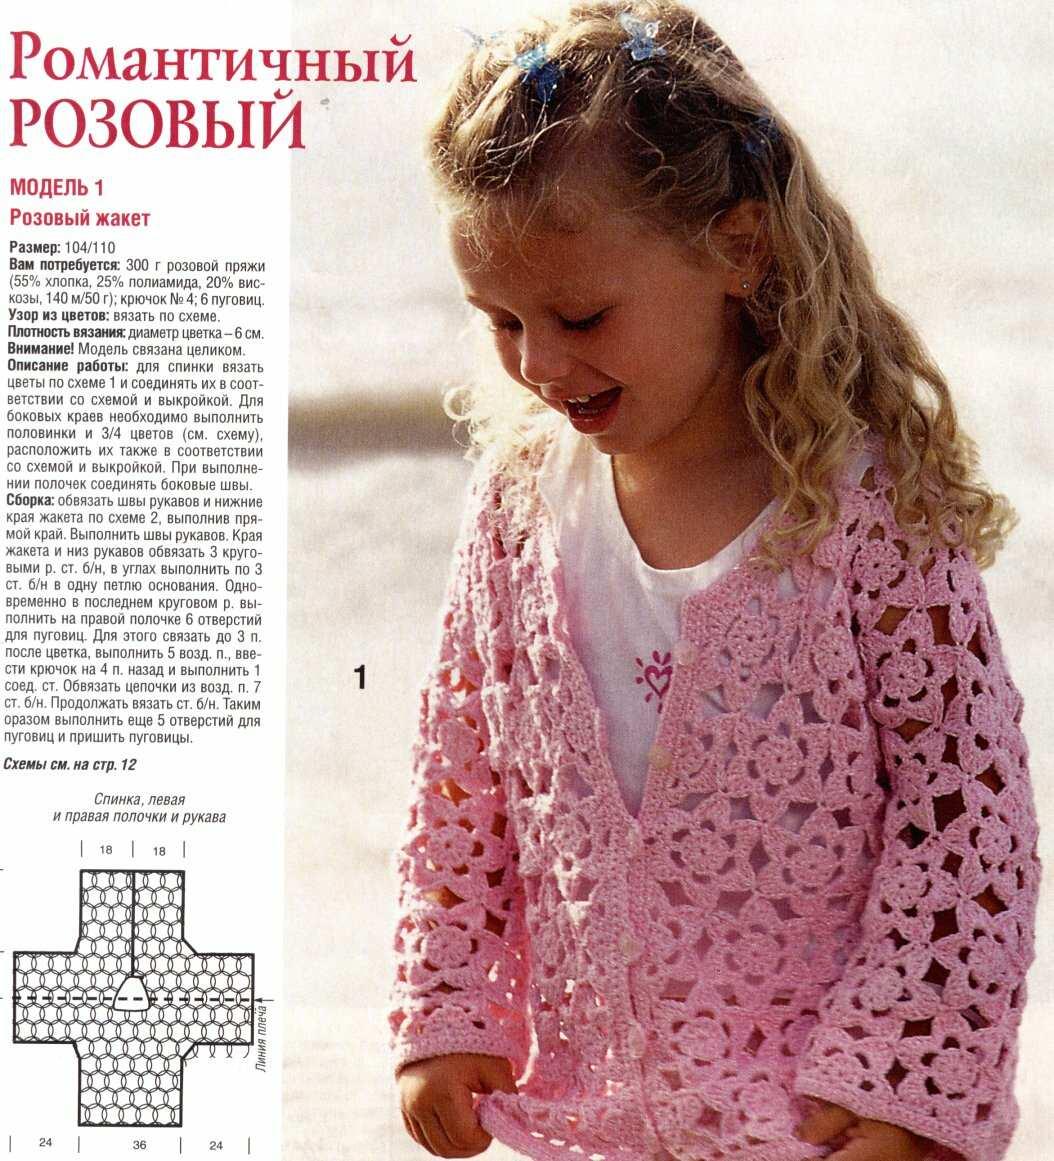 Вязание на девочку 4 лет кофточки крючком 394